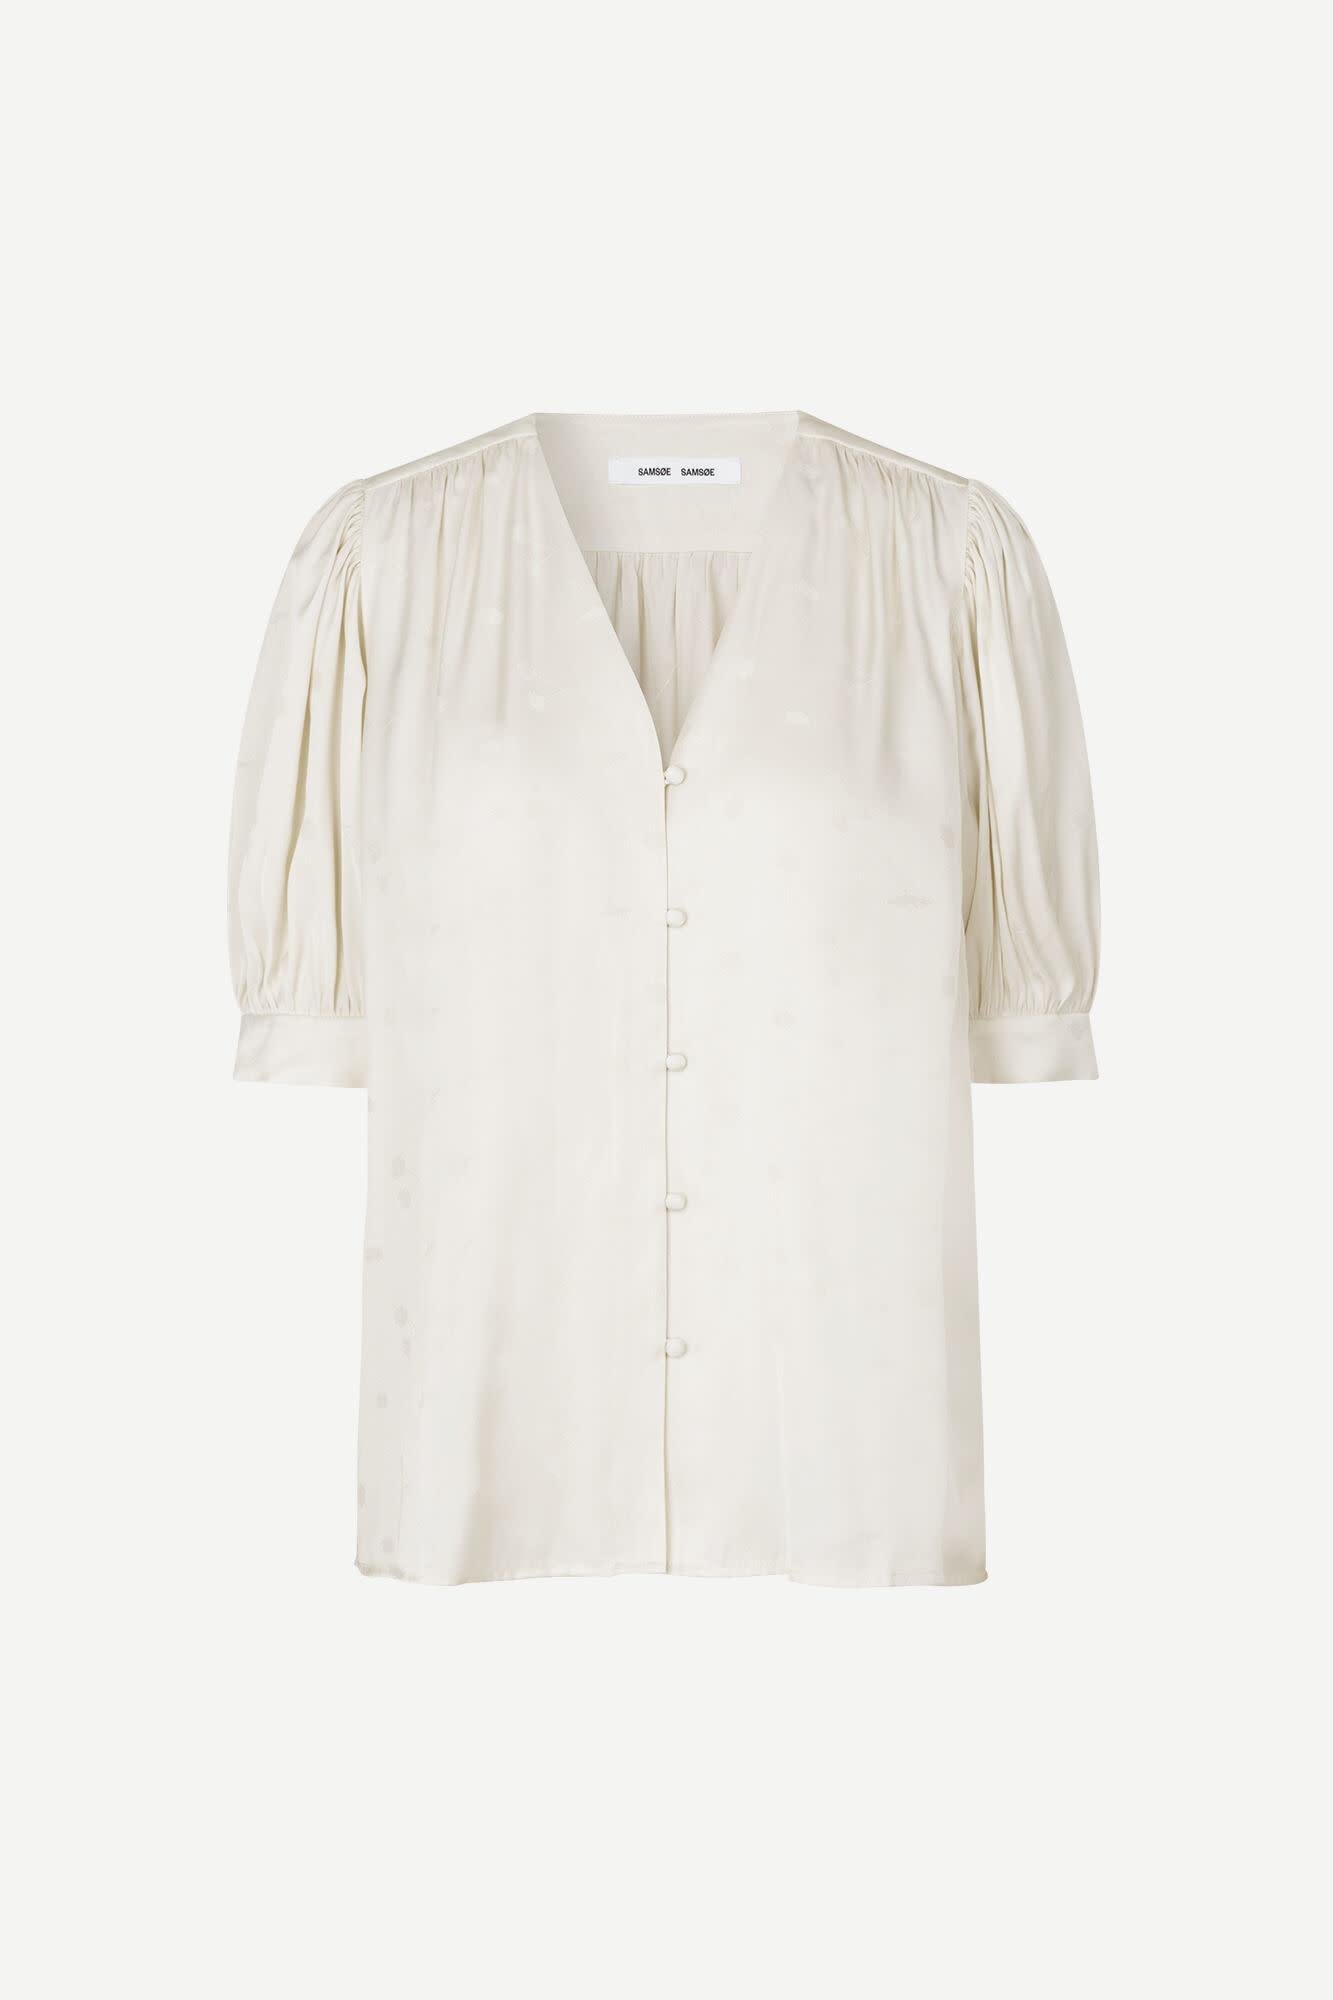 Jetta S/S Shirt Antique White-1